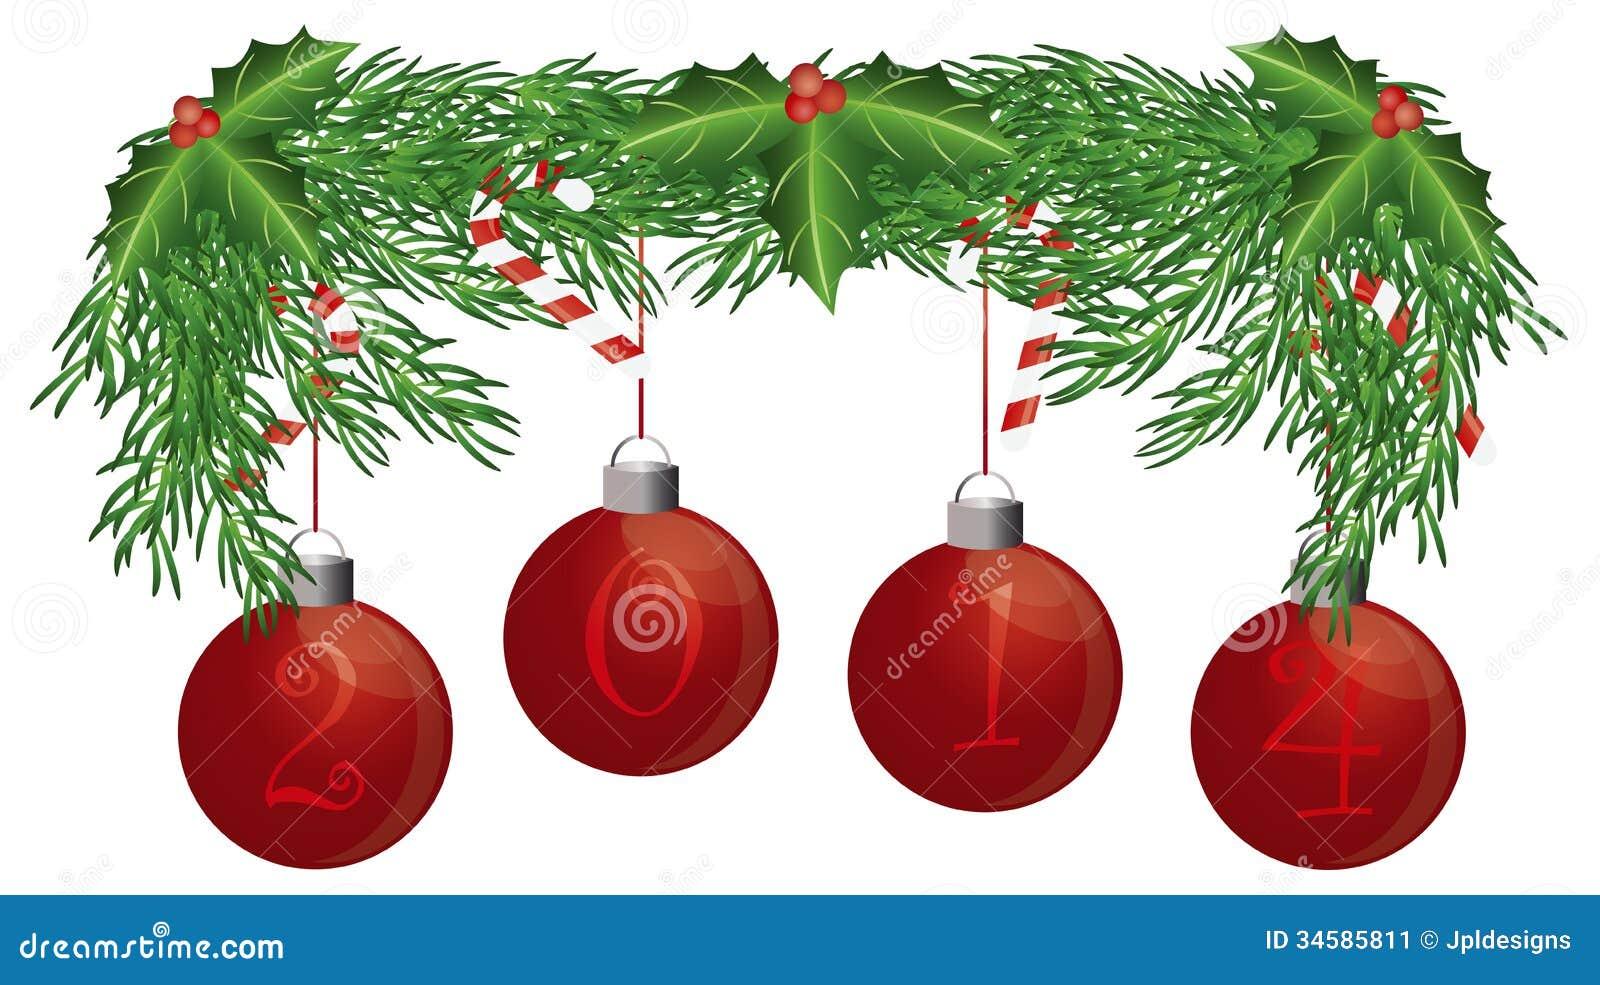 La guirnalda del rbol de navidad con 2014 ornamentos - Guirnalda de navidad ...